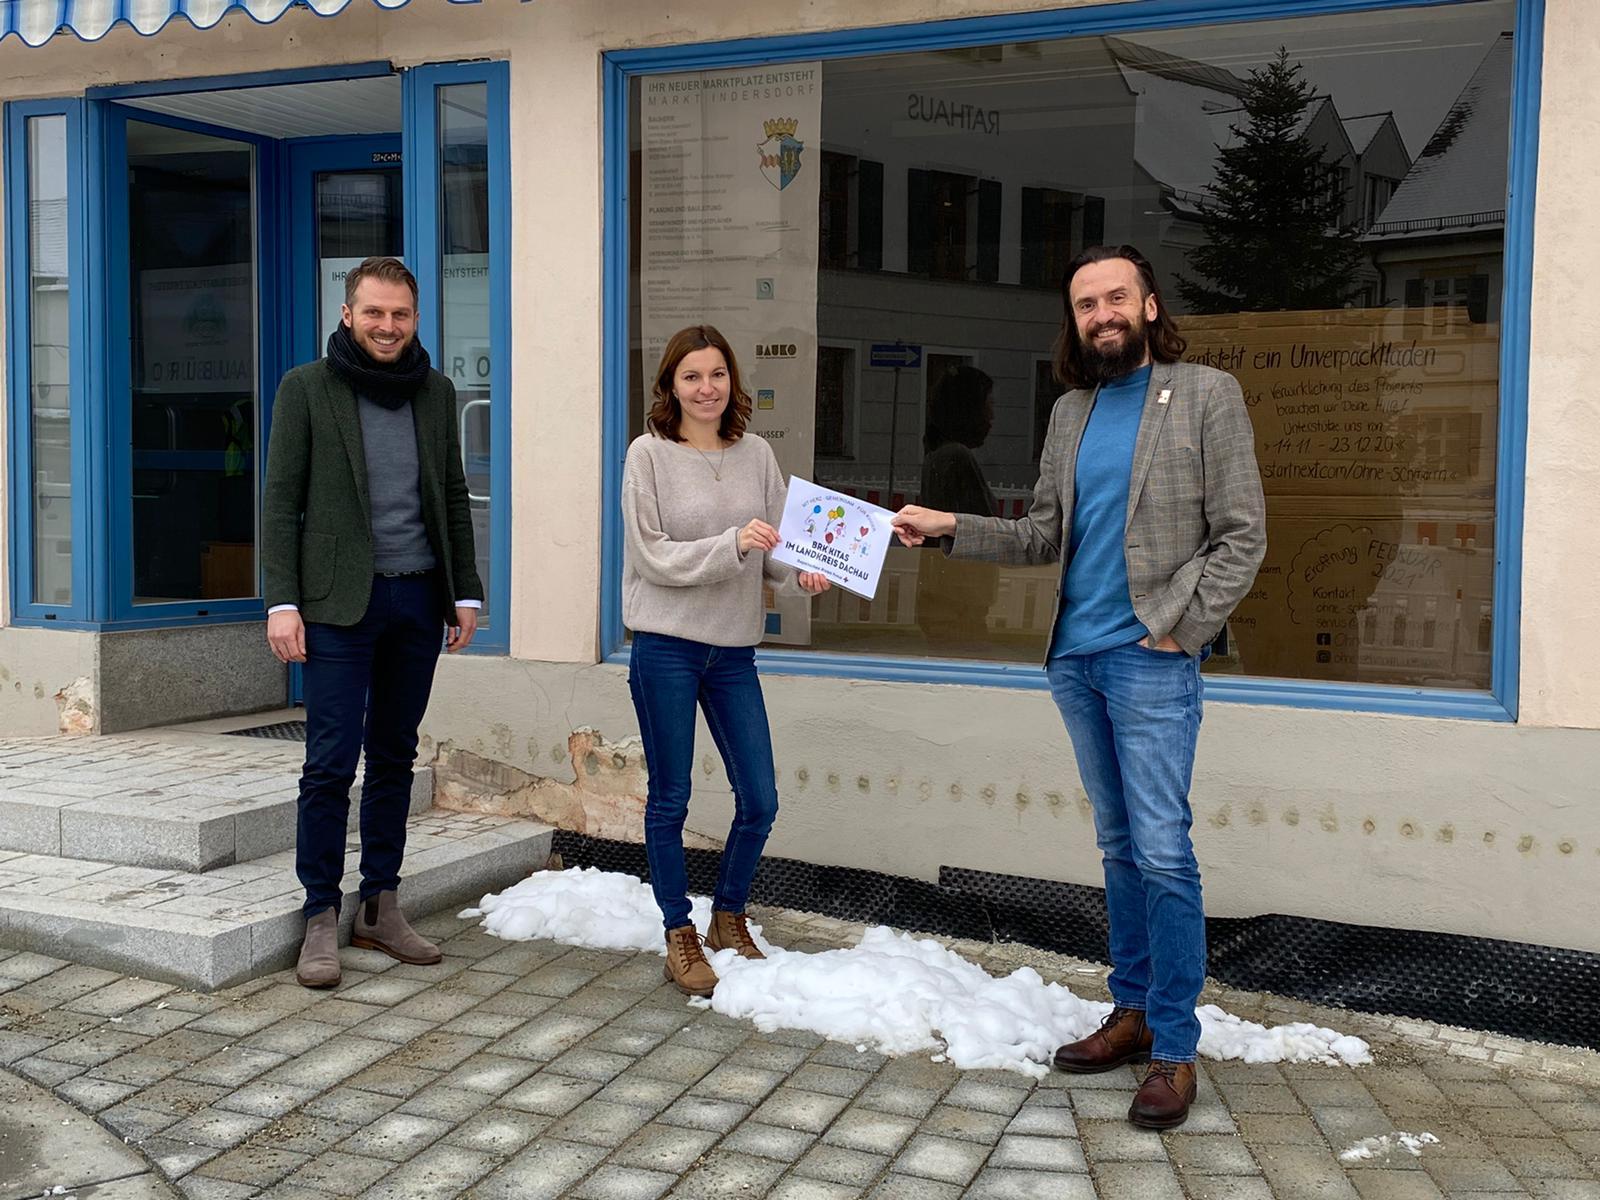 Paul Polyfka (rechts) übergibt Jessica Schilcher das BRK-Kita-Logo für die Sponsorenwand. Links: Markus Fuchs.